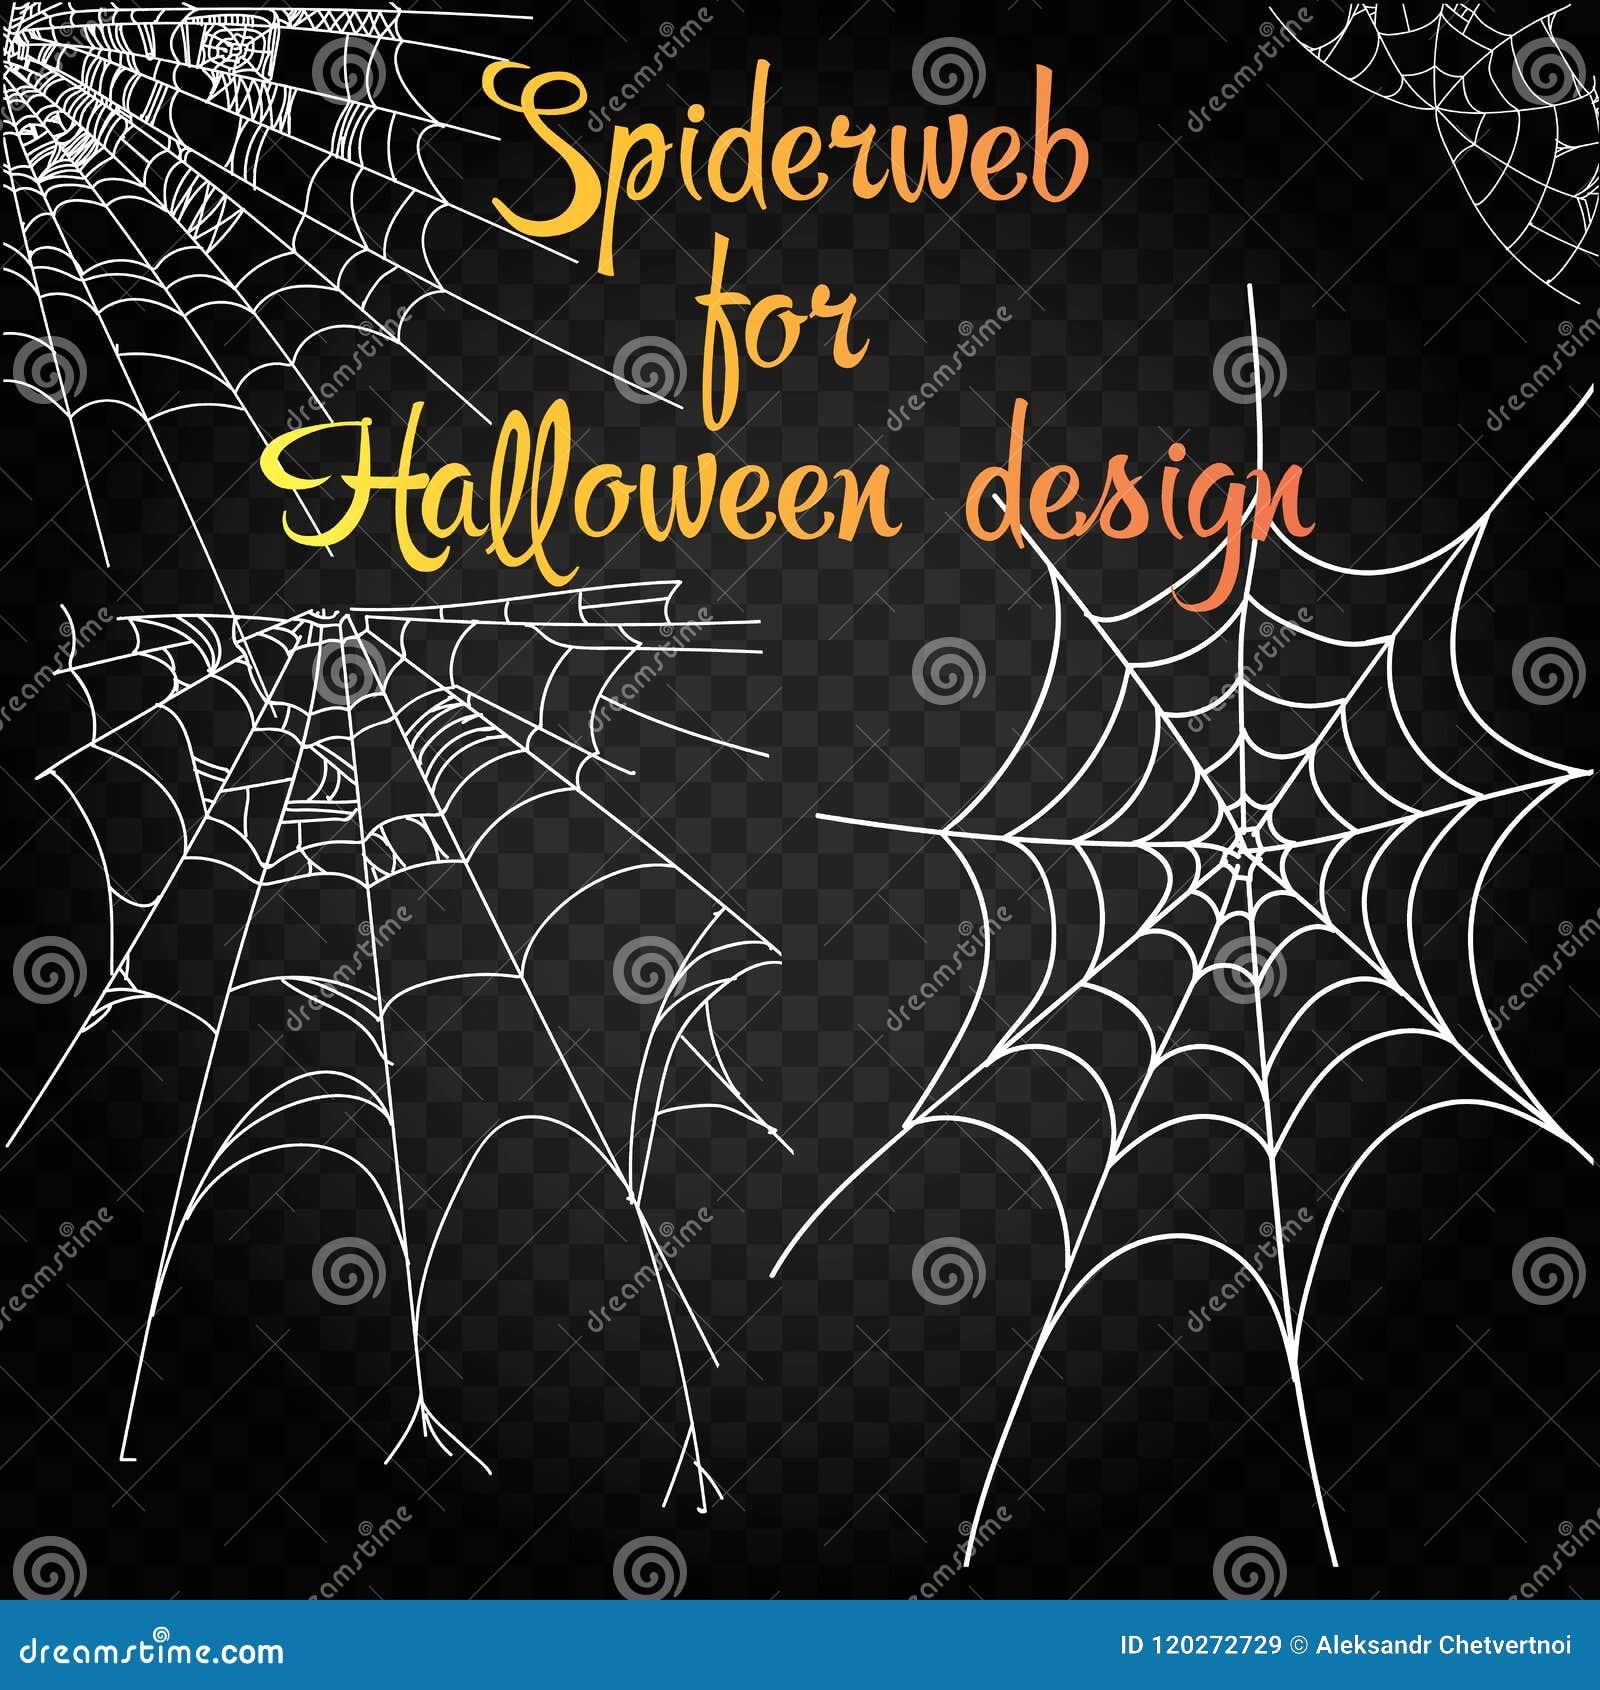 蜘蛛网的收藏,隔绝在黑,透明背景 万圣夜设计的Spiderweb 蜘蛛网元素,鬼,可怕